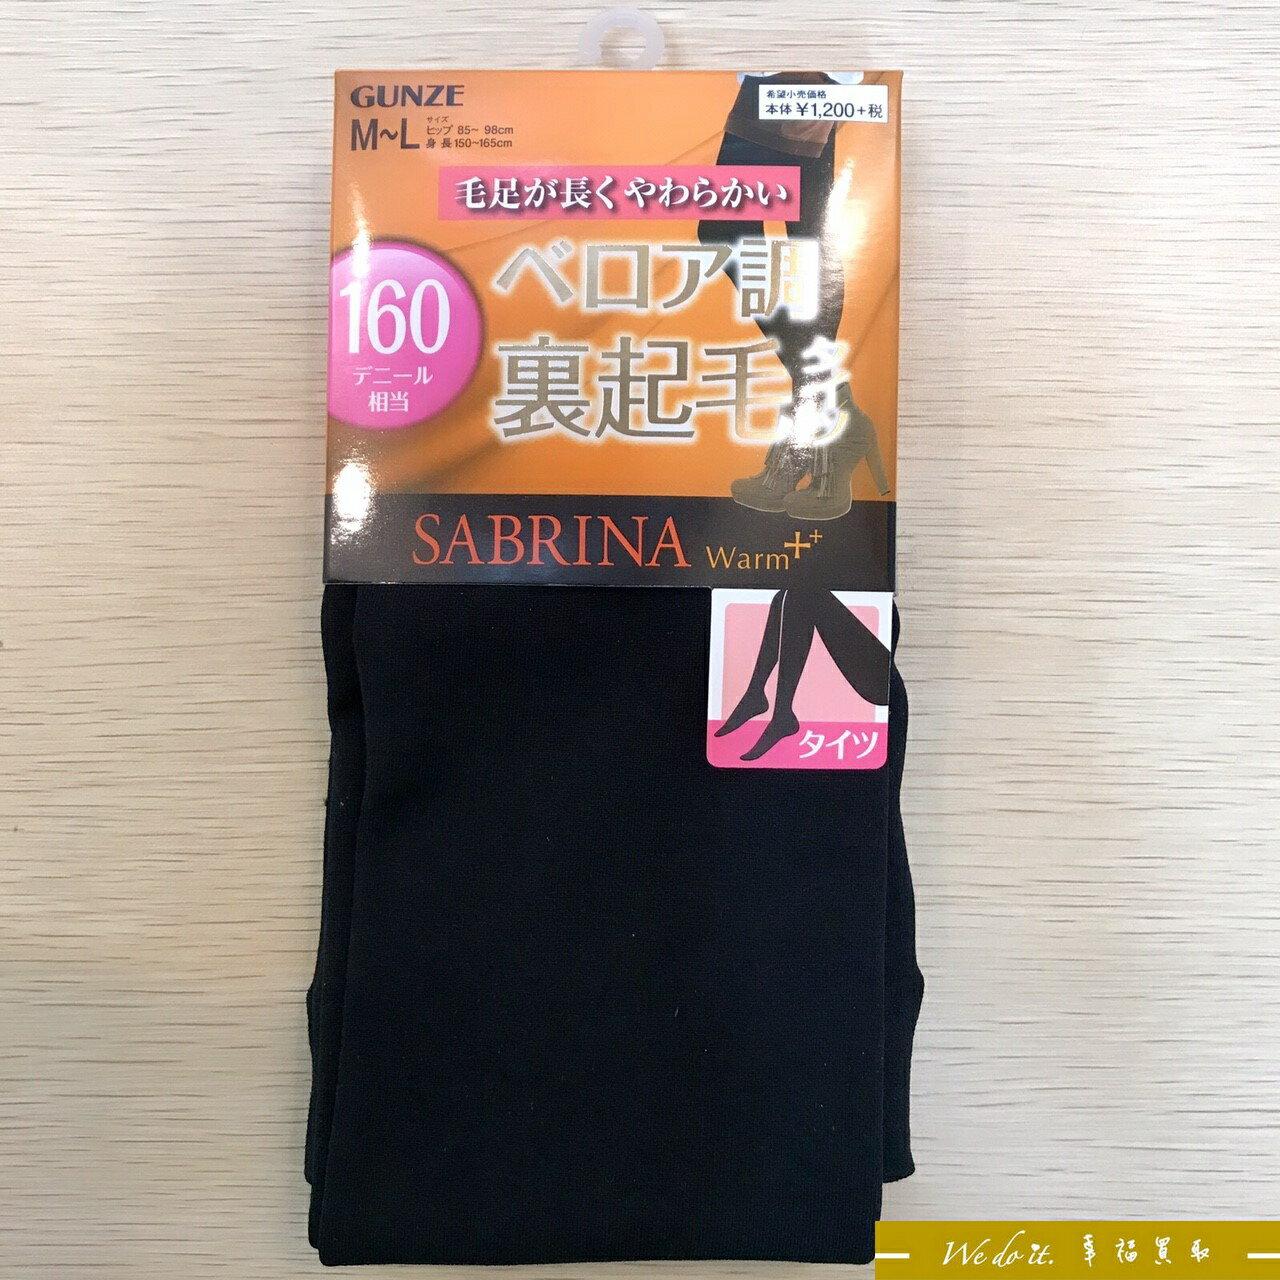 日本製 GUNZE X SABRINA Warm+ 160丹 裹起毛 顯瘦保暖褲襪-全長-M~L